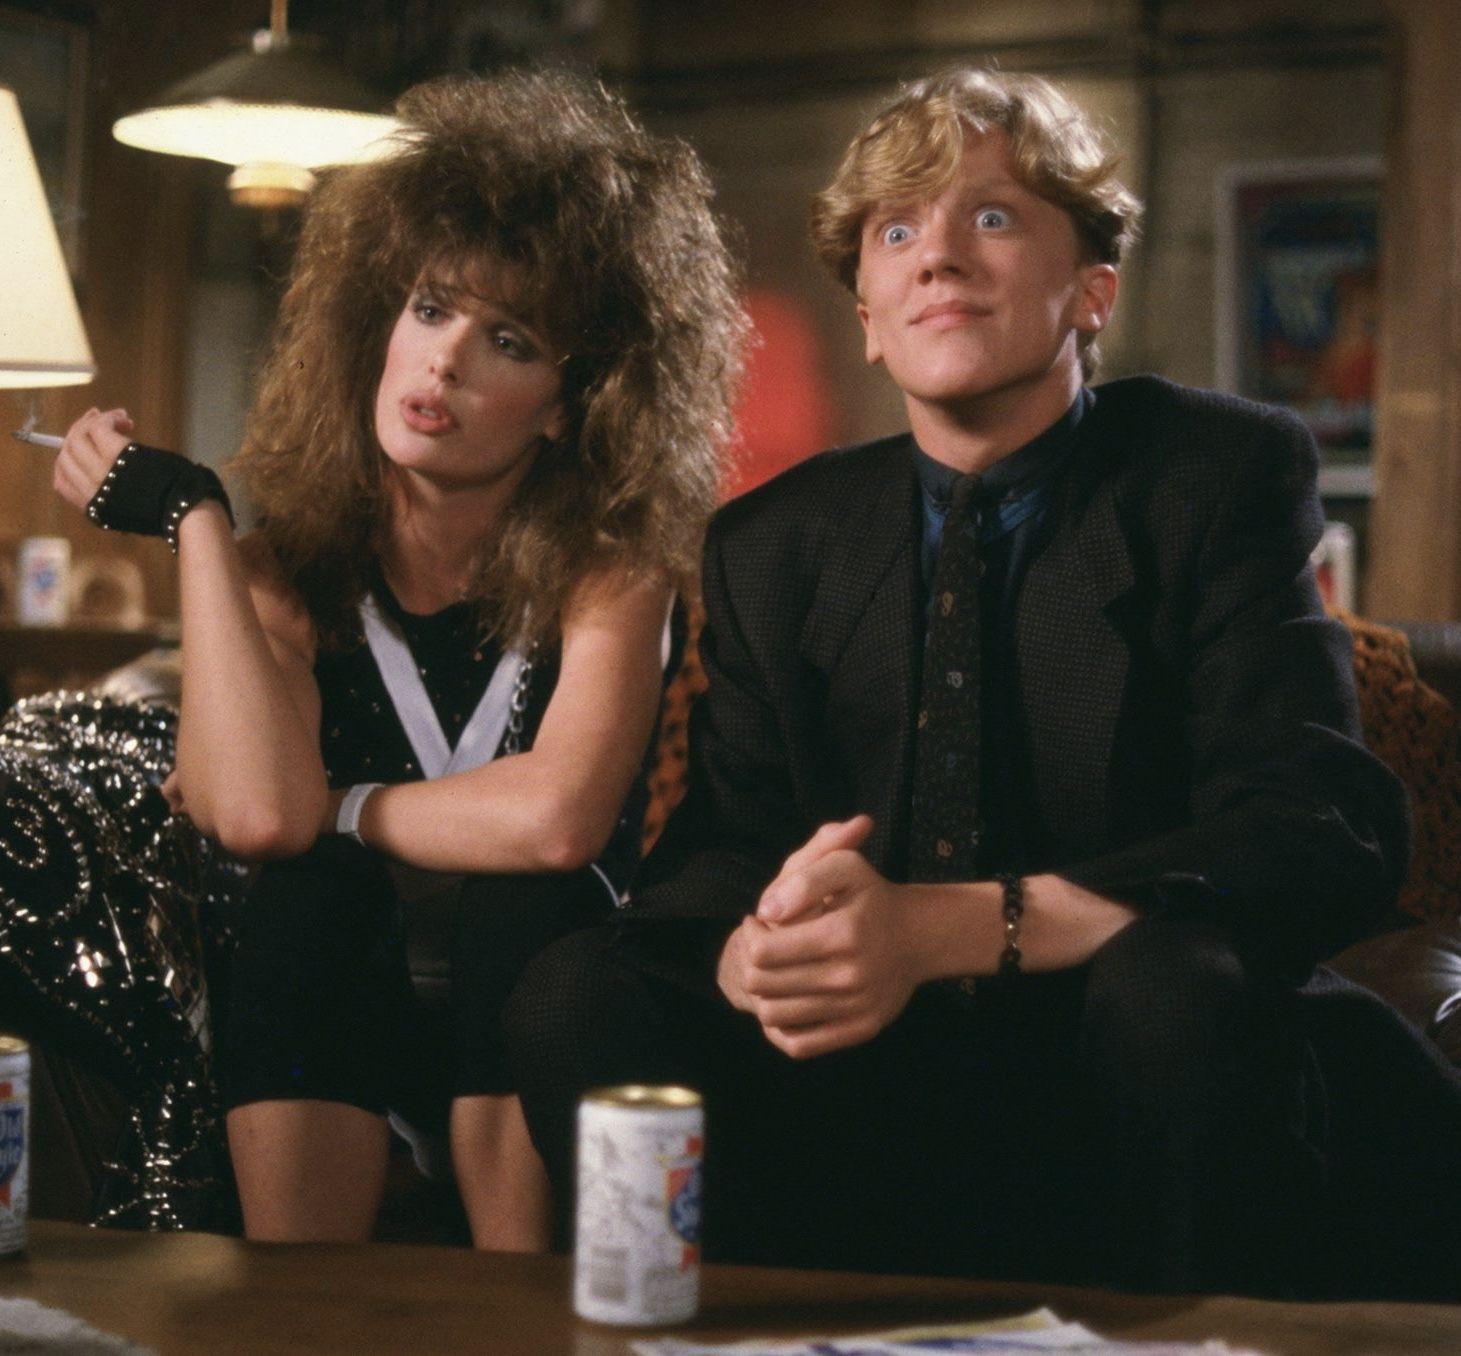 Weird Science (1985) John hughes films, Weird science